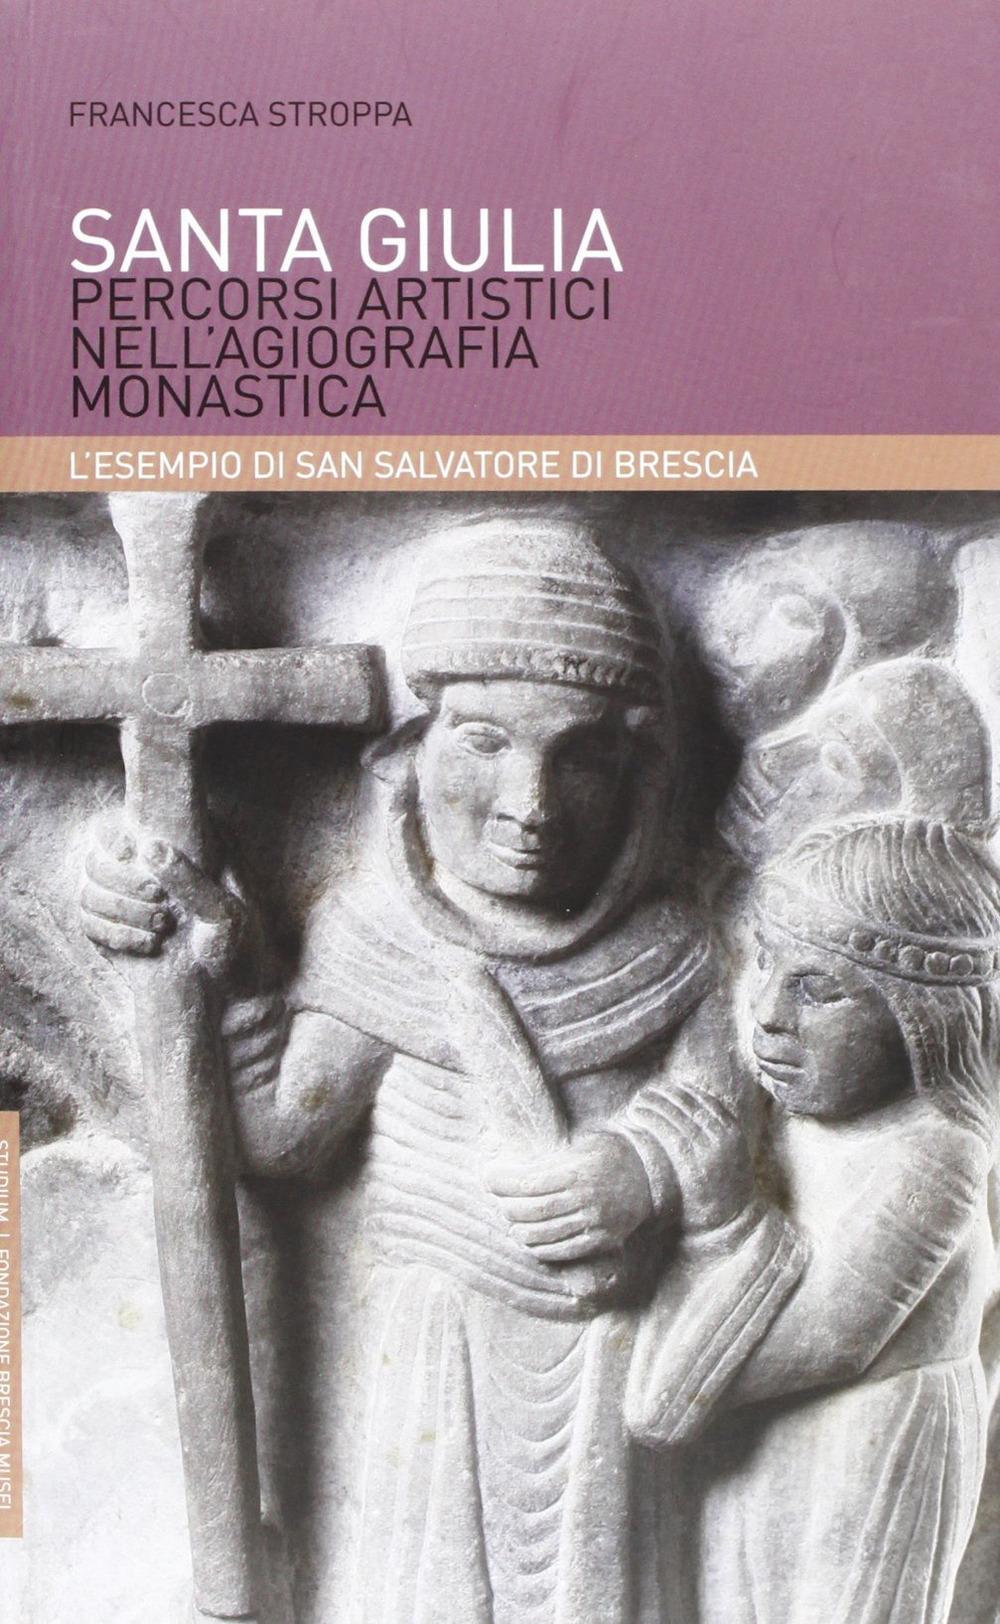 Santa Giulia. Percorsi artistici nell'agiografia monastica: l'esempio di San Salvatore di Brescia